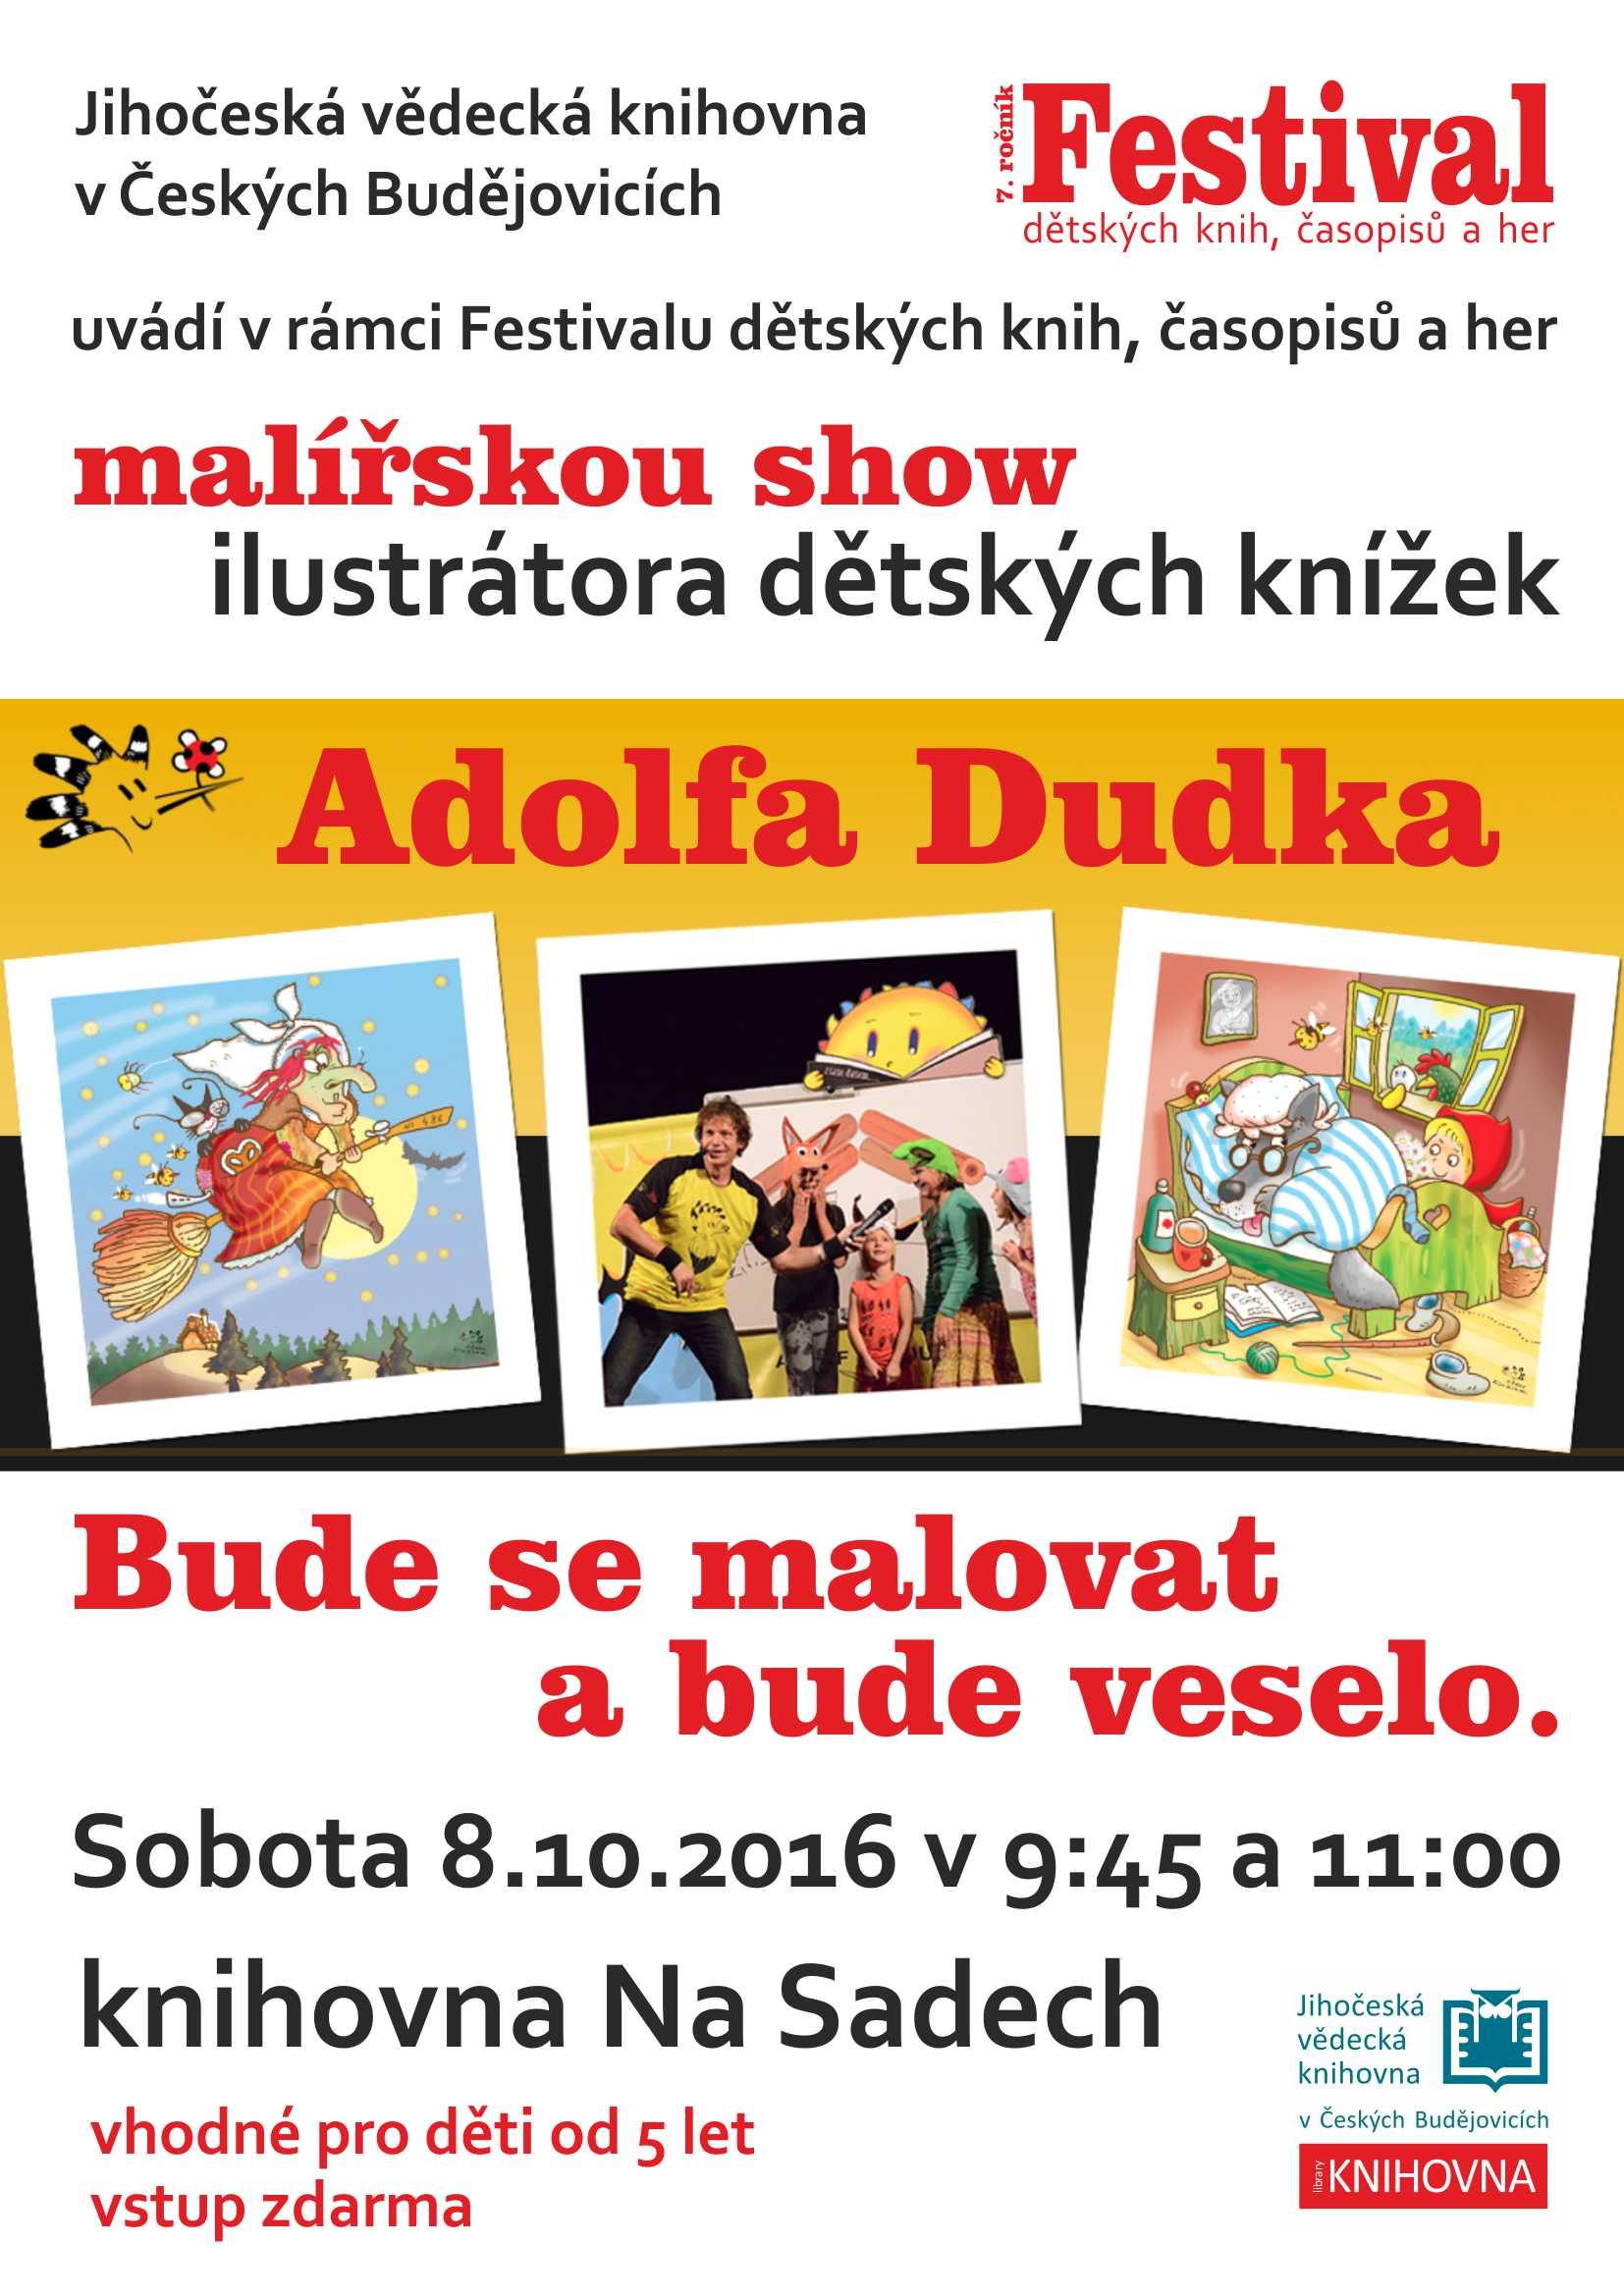 dudek_ilustrator